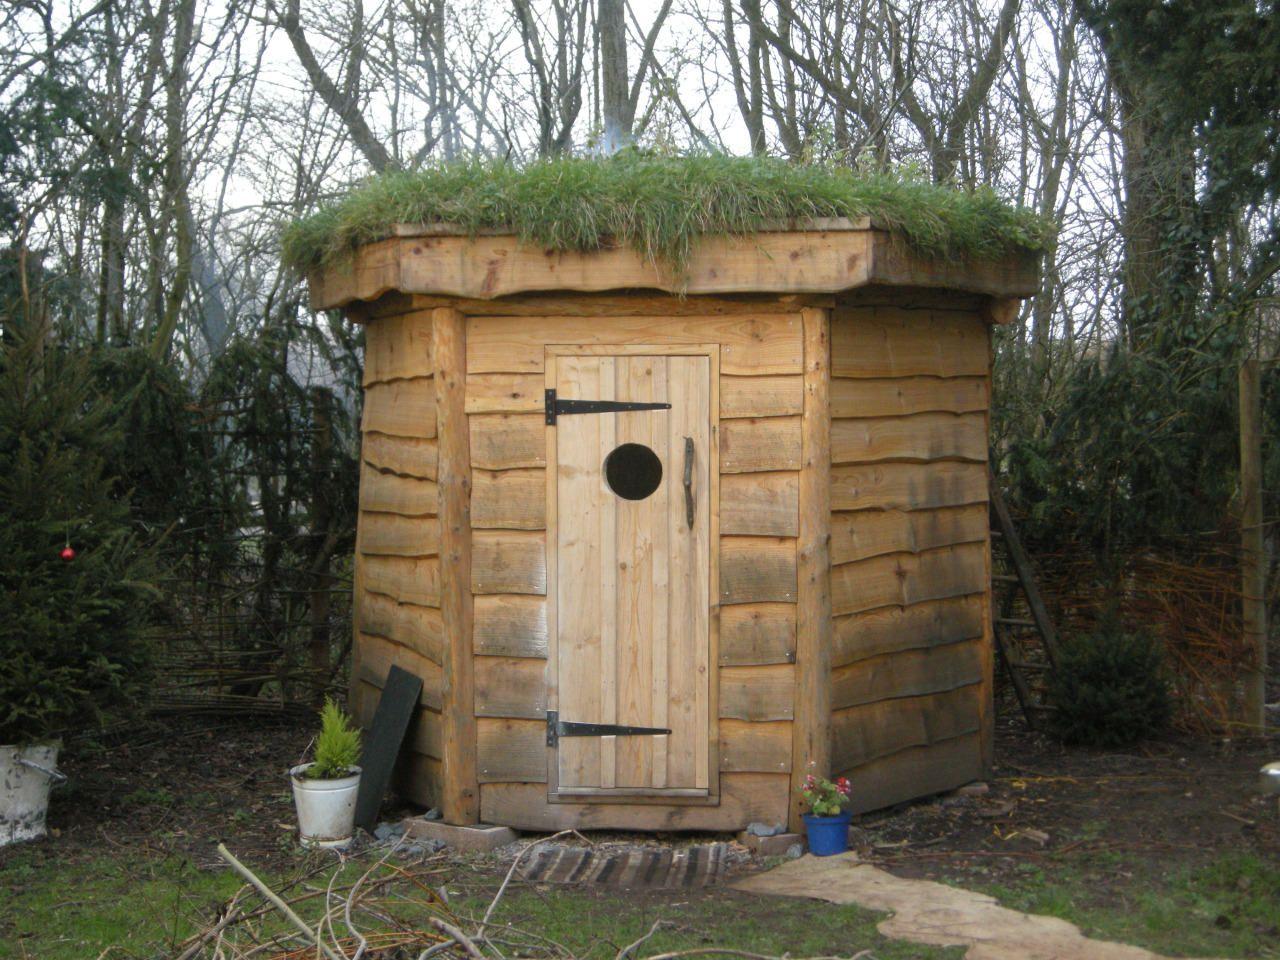 Hexagonal Timber Frame Sauna With Green Roof 1001 Gardens Holzhutte Garten Diy Sauna Dachbegrunung